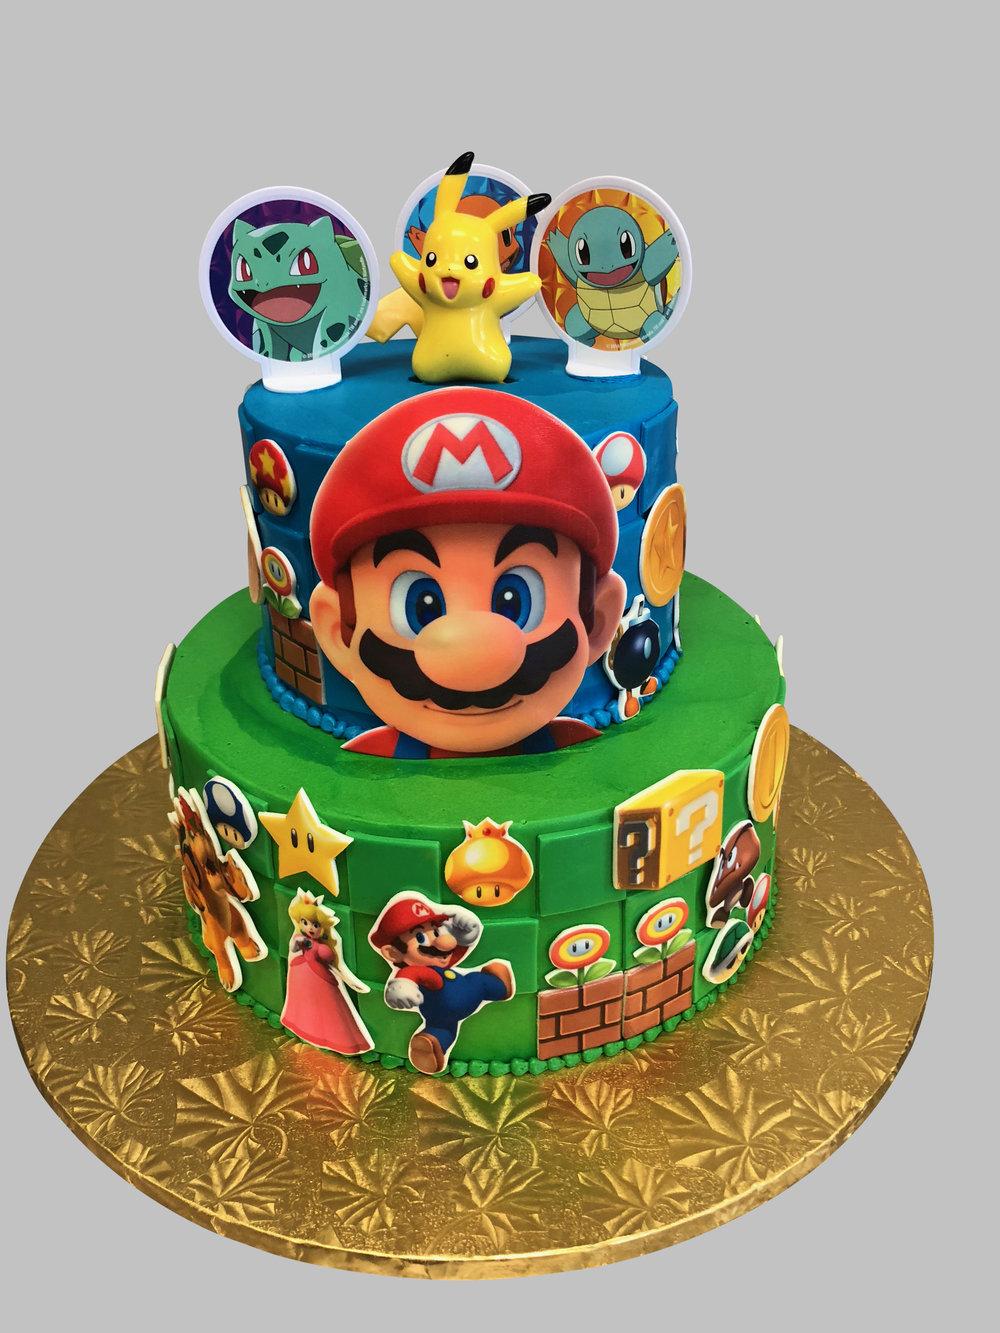 Strange Super Mario Birthday Cake Skazka Desserts Bakery Nj Custom Personalised Birthday Cards Veneteletsinfo